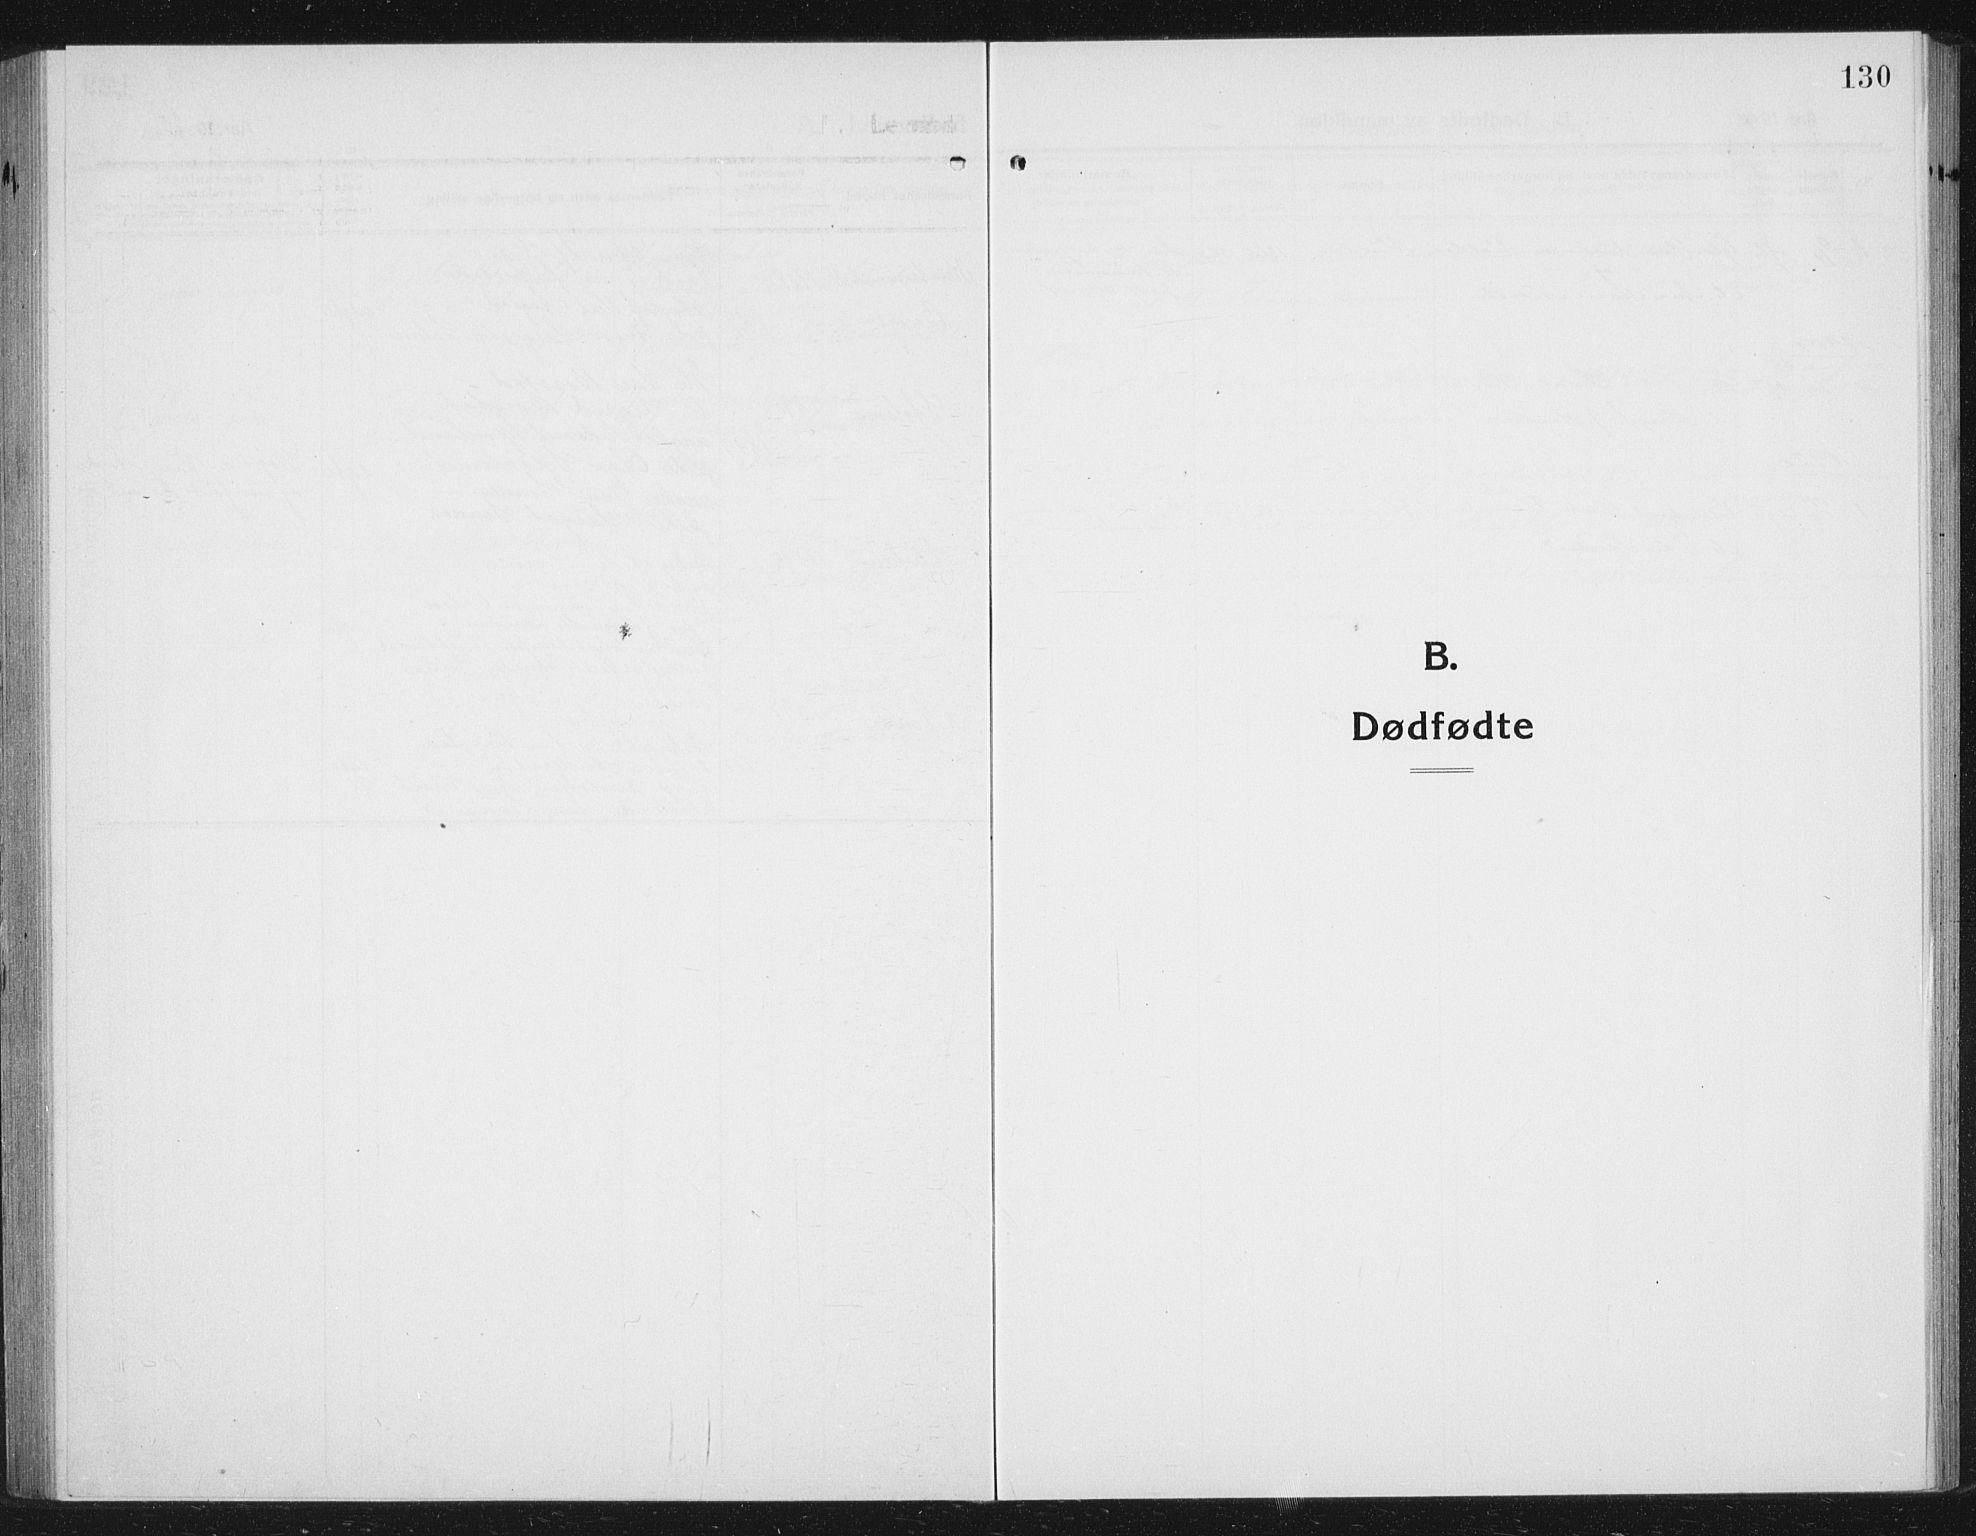 SAT, Ministerialprotokoller, klokkerbøker og fødselsregistre - Sør-Trøndelag, 630/L0506: Klokkerbok nr. 630C04, 1914-1933, s. 130